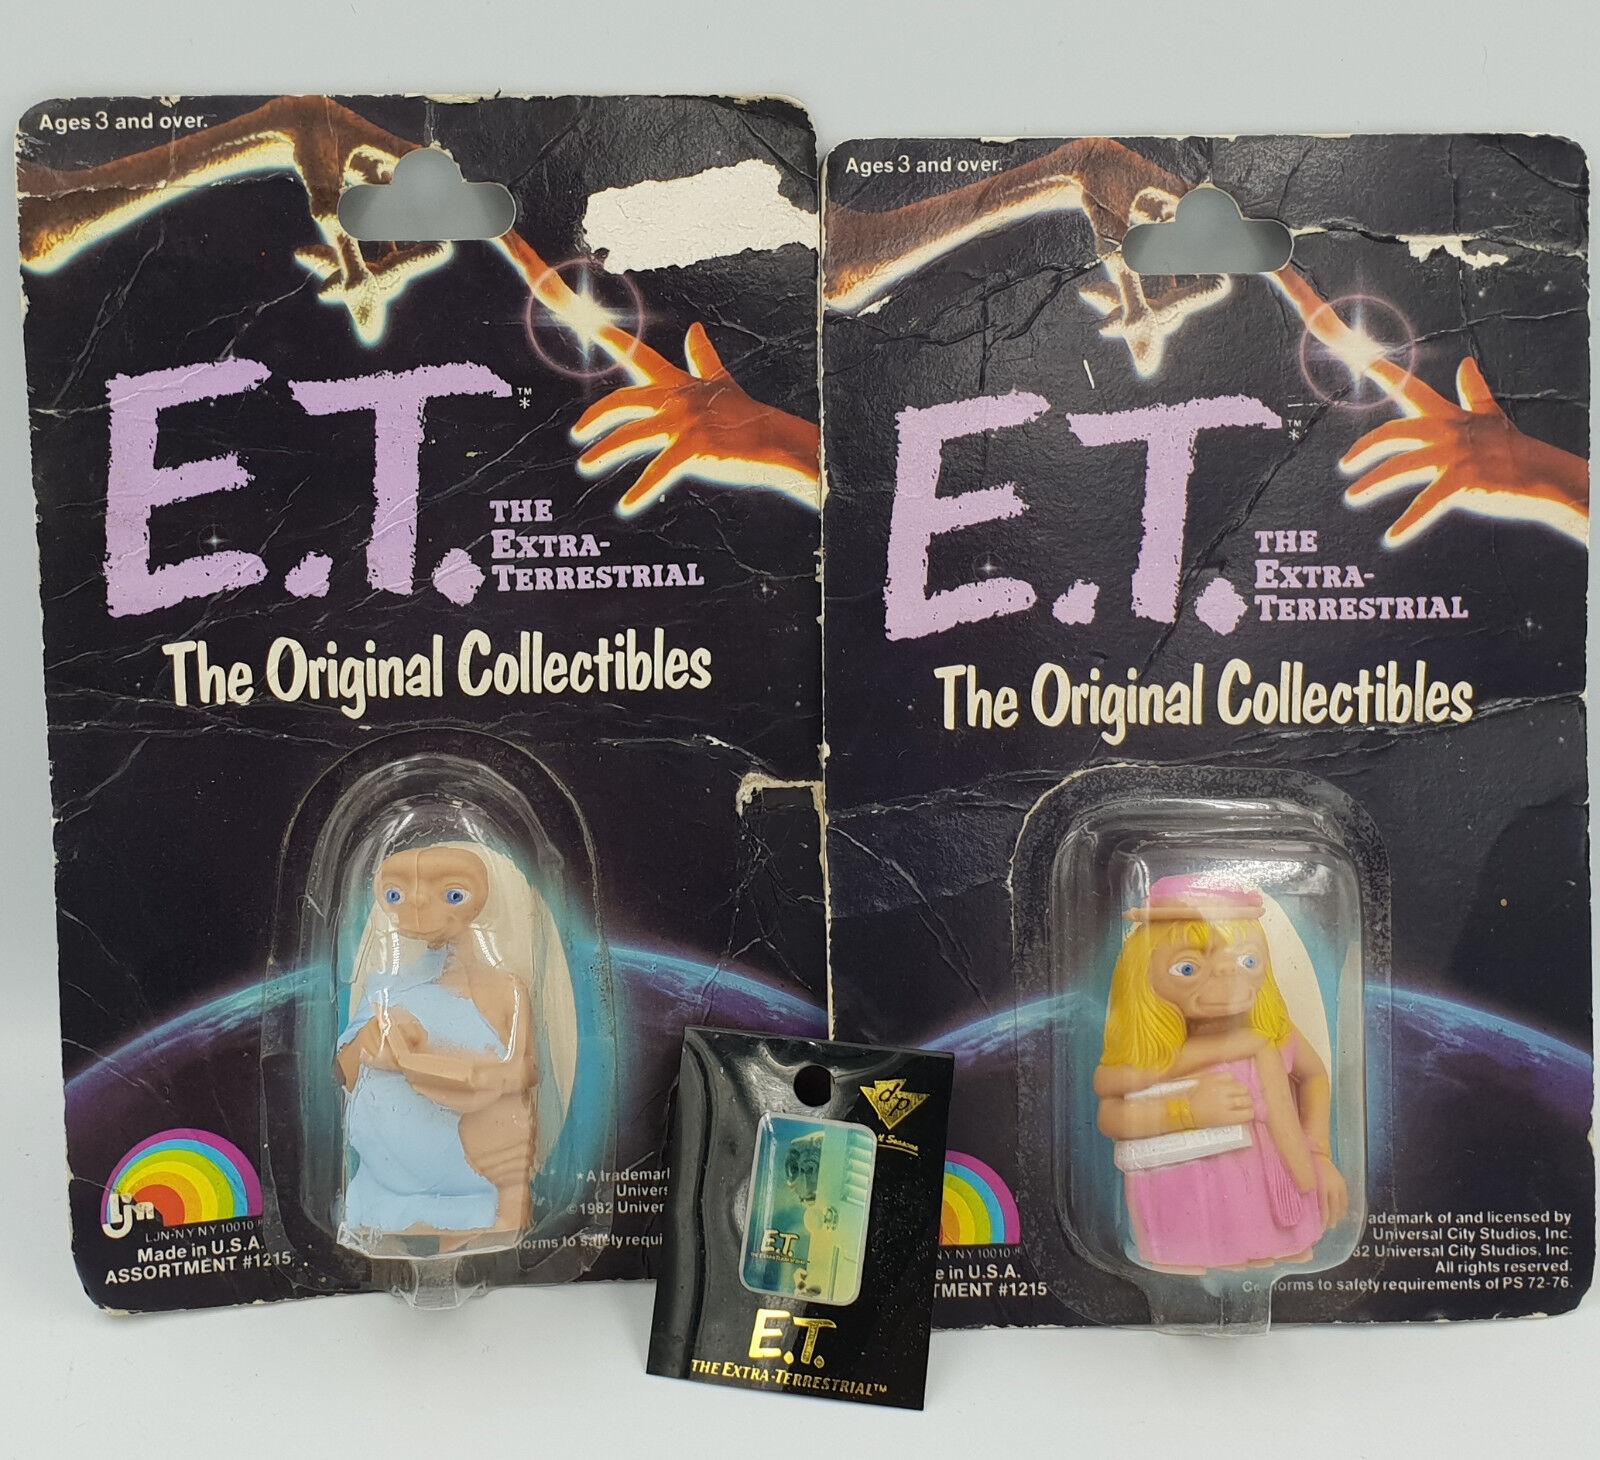 E.T. EXTRA TERRESTRIAL  2 bilDED FIGURES FRÅN LJB I 1982 och BADGE